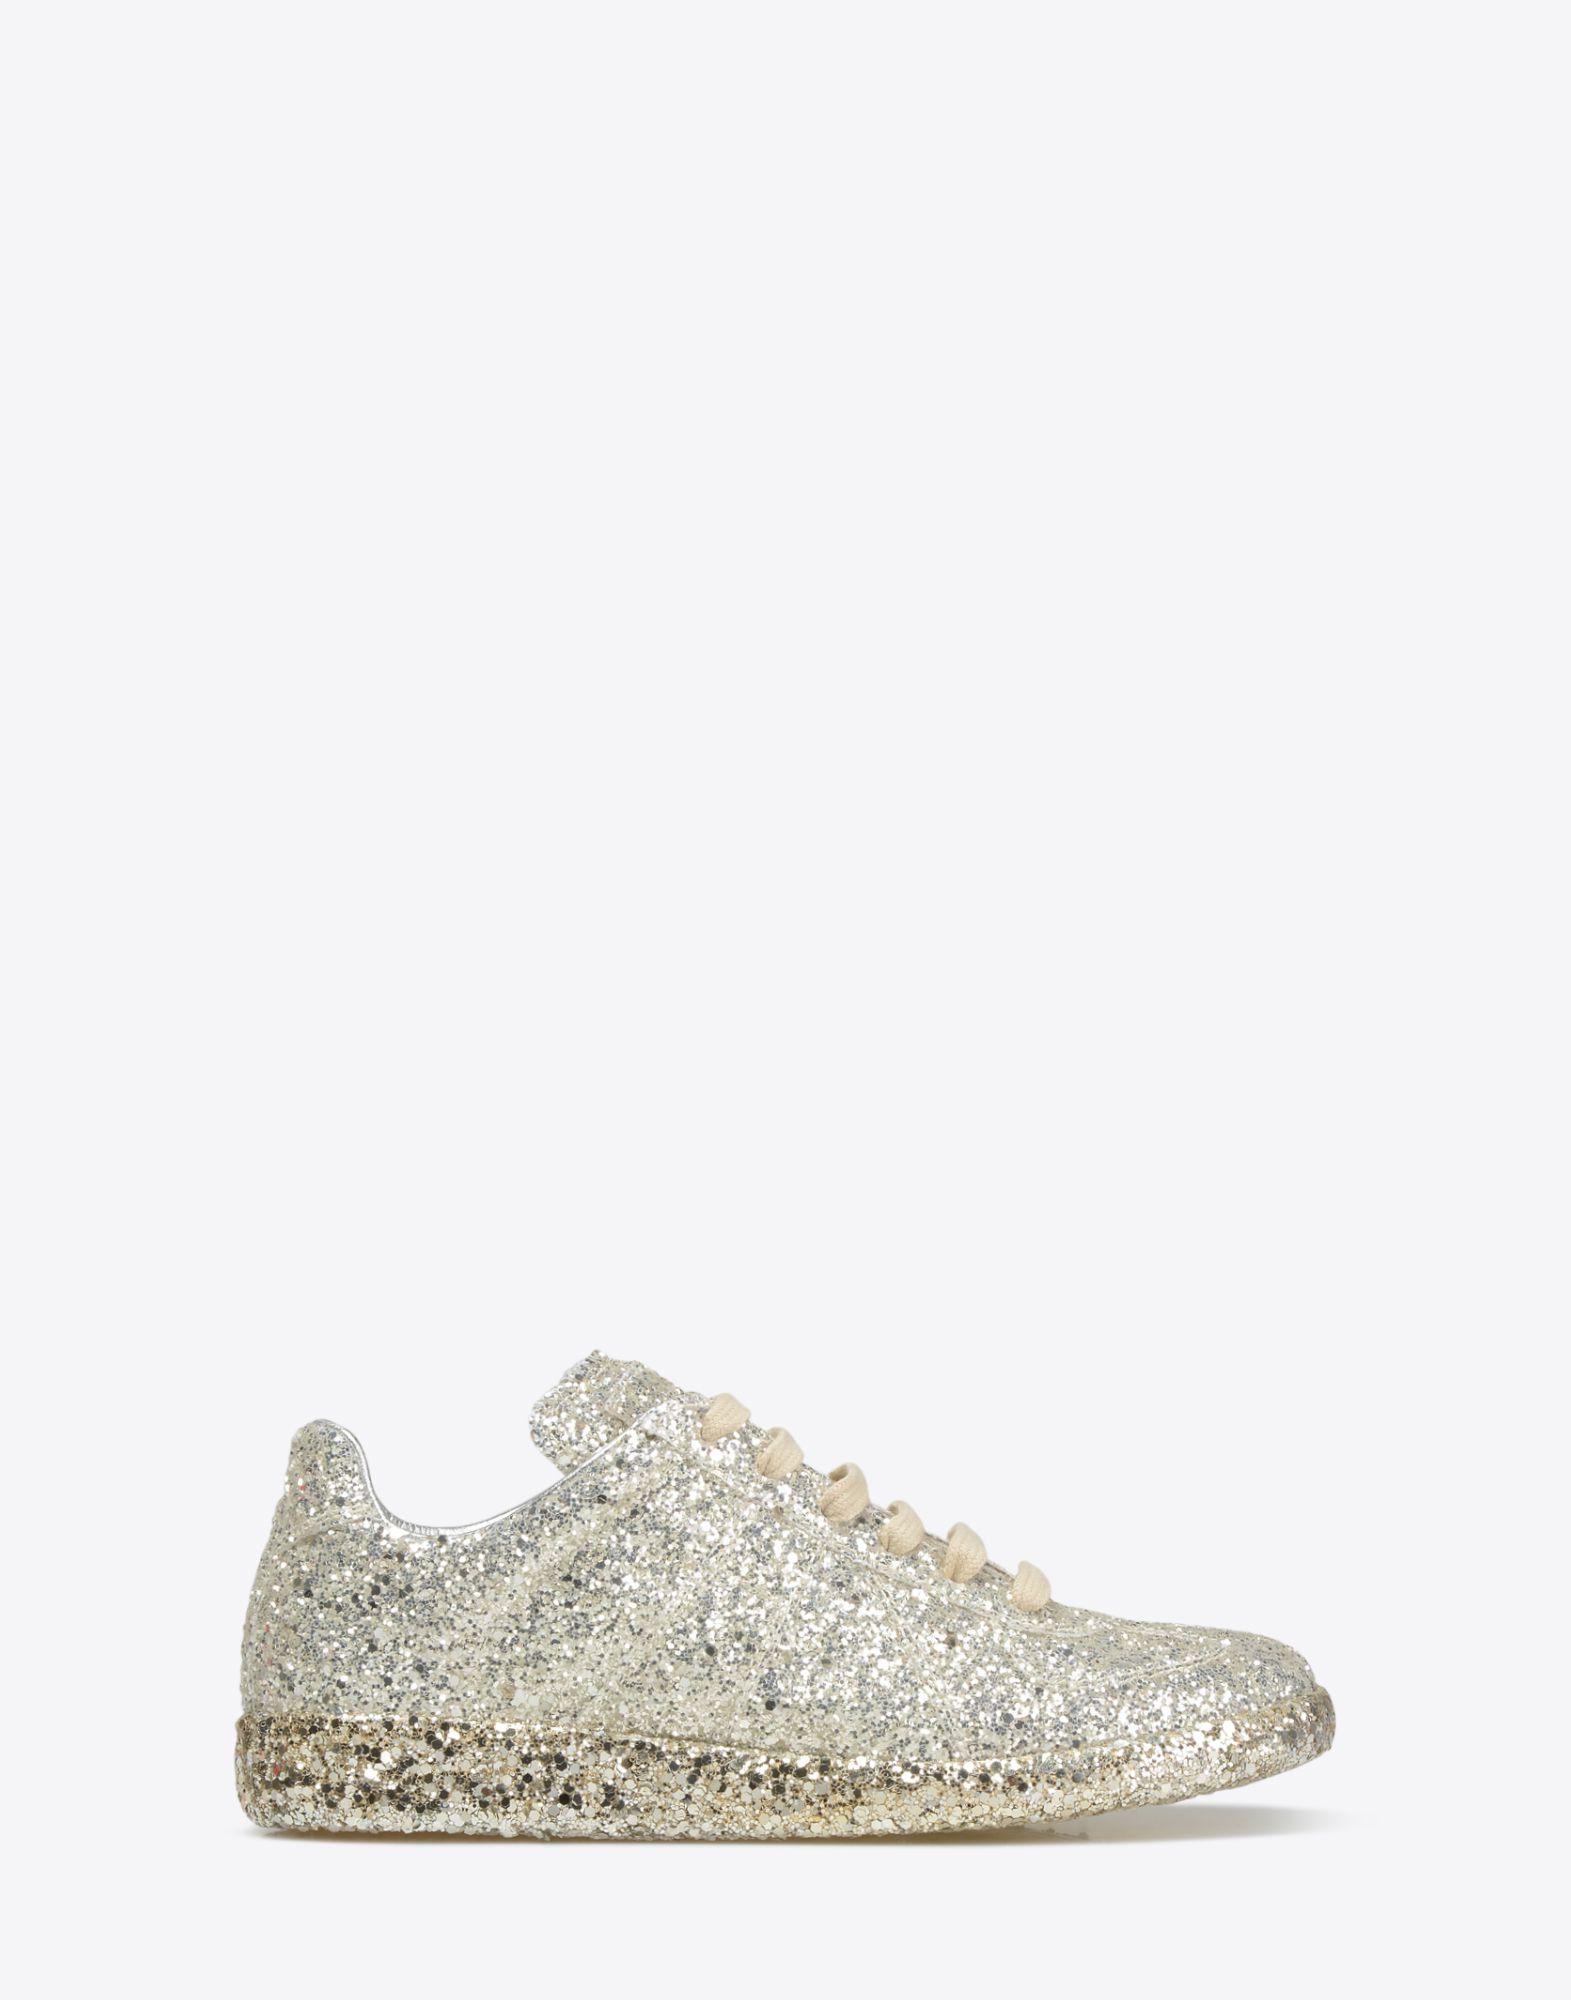 MAISON MARGIELA Sneakers «Replica» avec paillettes Sneakers Femme f